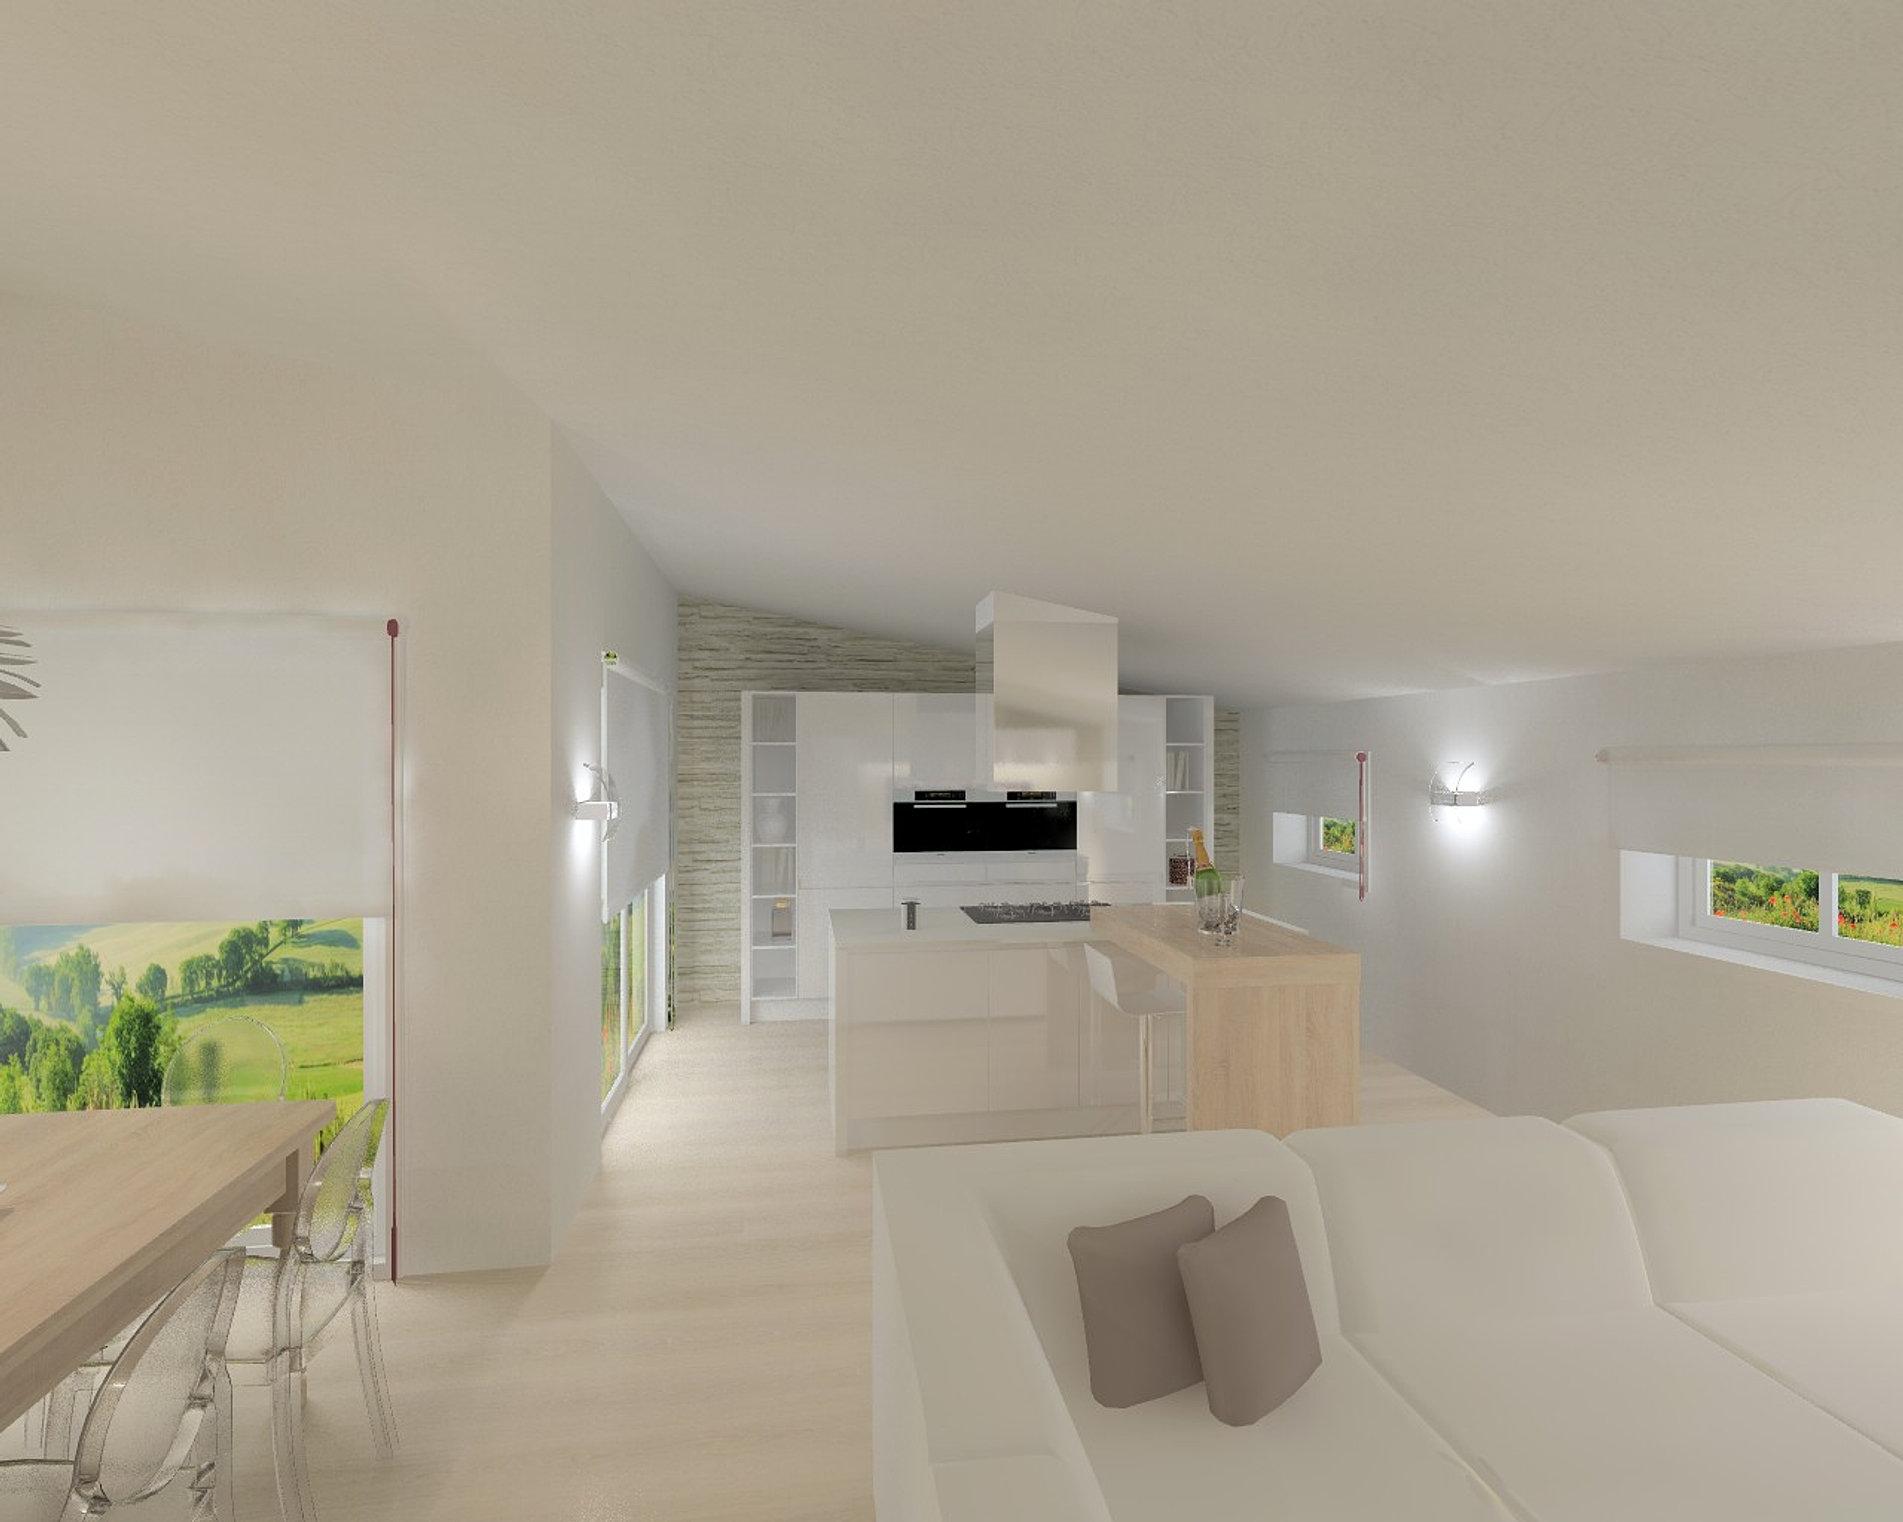 Progettazione d 39 interni progettazione interni online for Progettazione interni online gratis